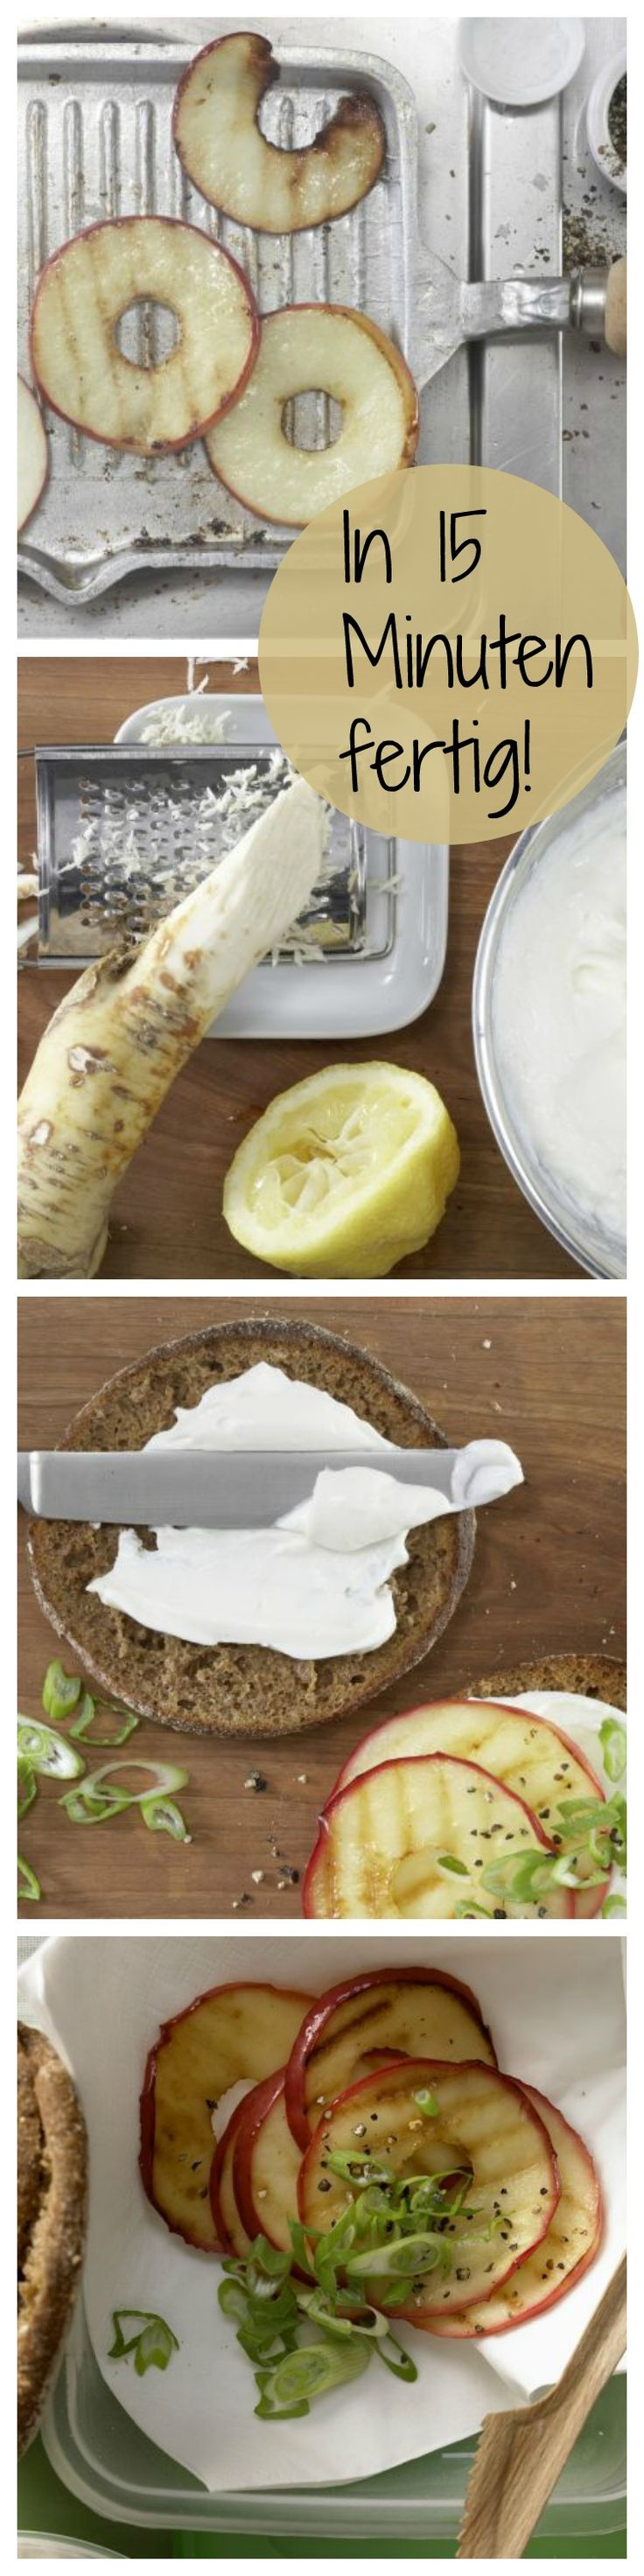 Die perfekte Kombination aus würzig und süß Fruchtig pikantes Quarkbrötchen mit würzigem Meerrettich und